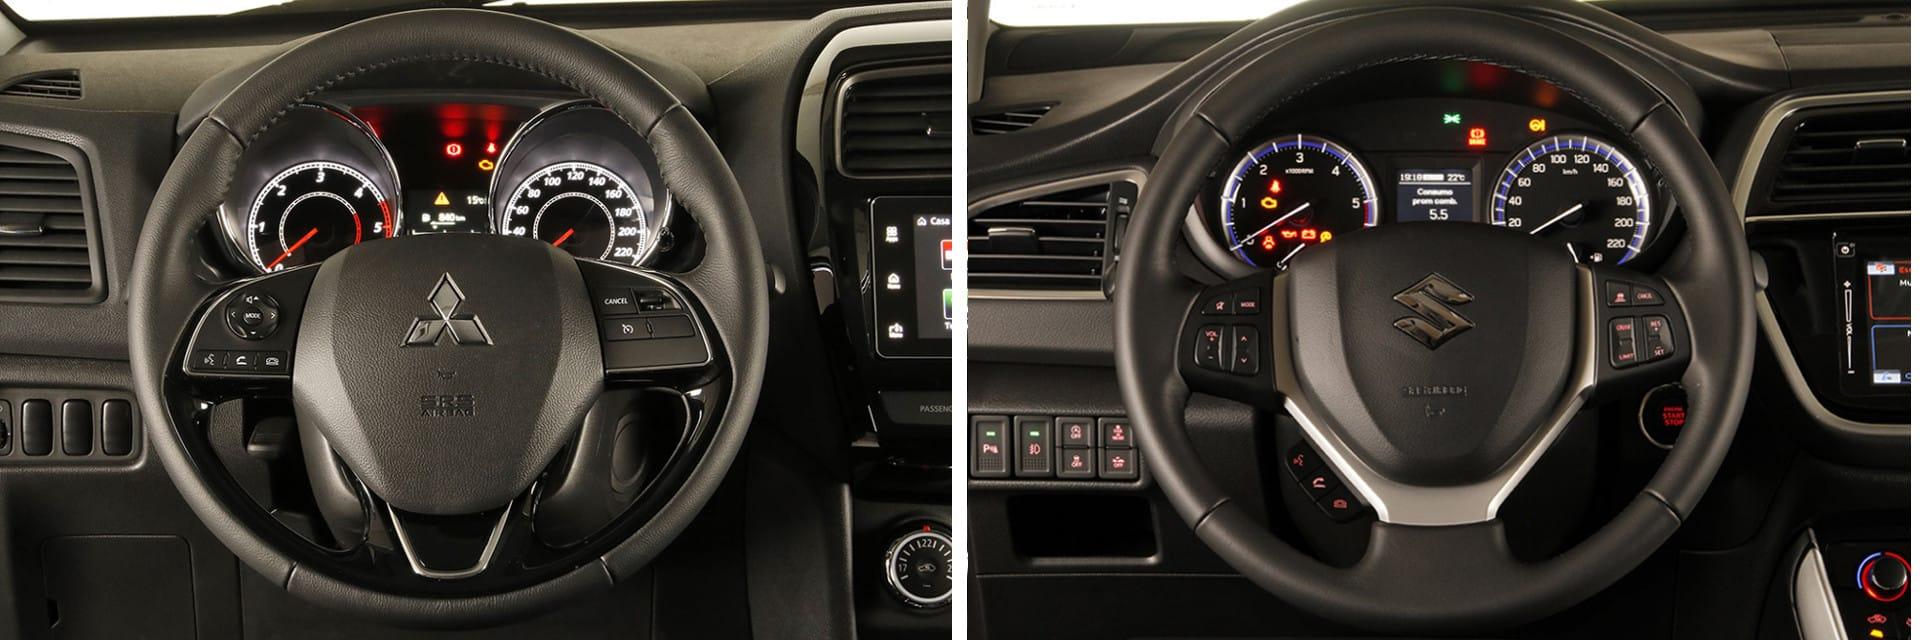 Tanto el volante del Mitsubishi ASX (izq.) como el del Suzuki S-Cross (dcha.) cuentan con las suficientes regulaciones como para encontrar una buena posición al conducir.